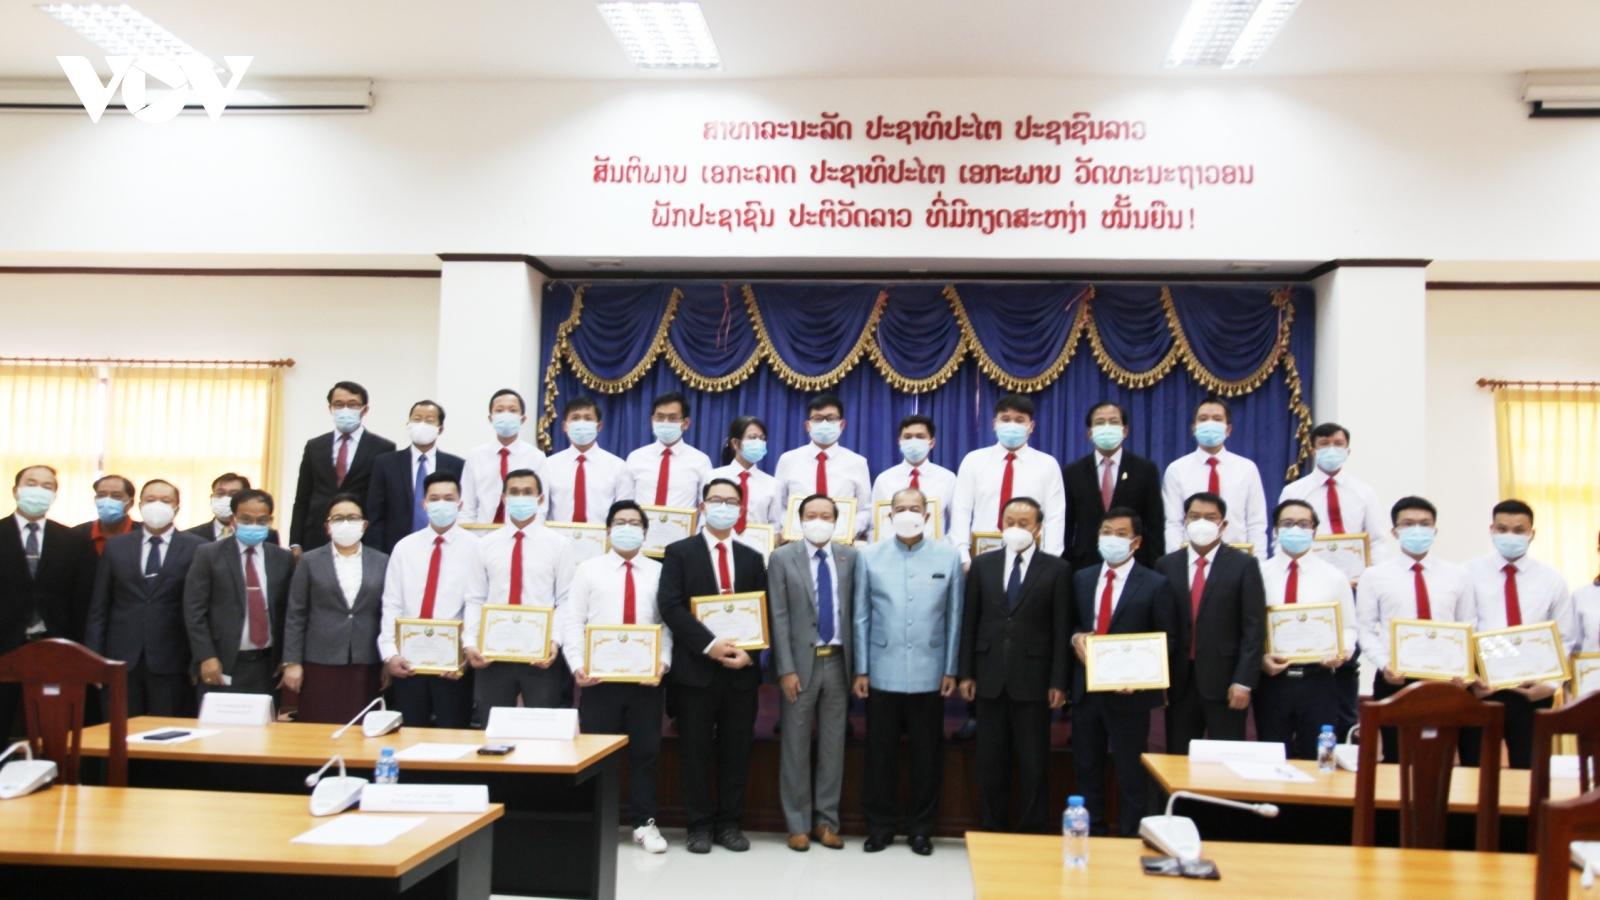 Chính phủLào đánh giá cao đoàn chuyên gia y tế Việt Nam giúpchống dịch Covid-19